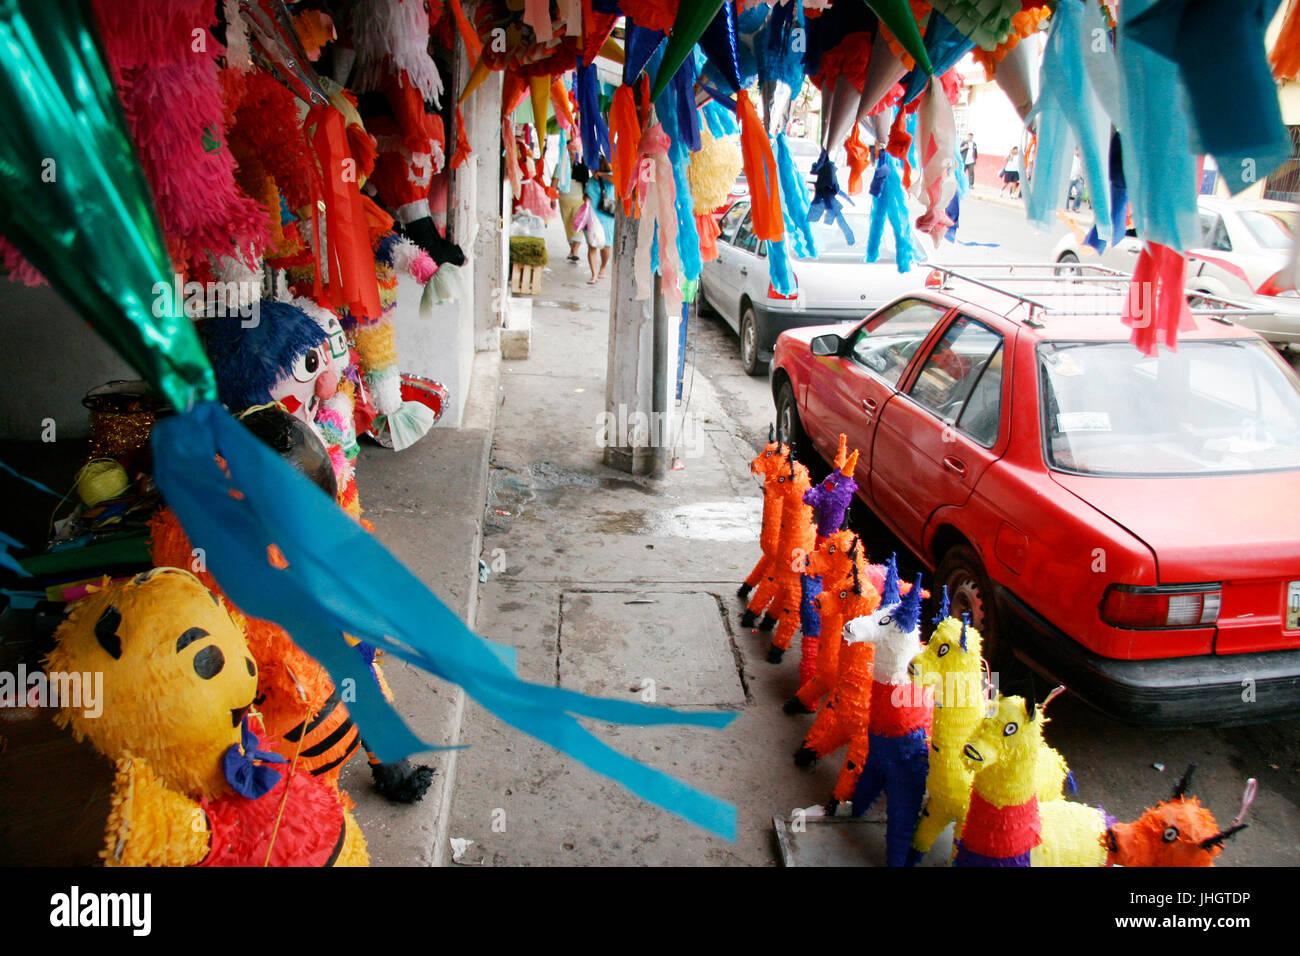 Piñatas mexicanas en una calle de Villahermosa tradiciones, celebraciones, Villahermosa, Tabasco, México Imagen De Stock